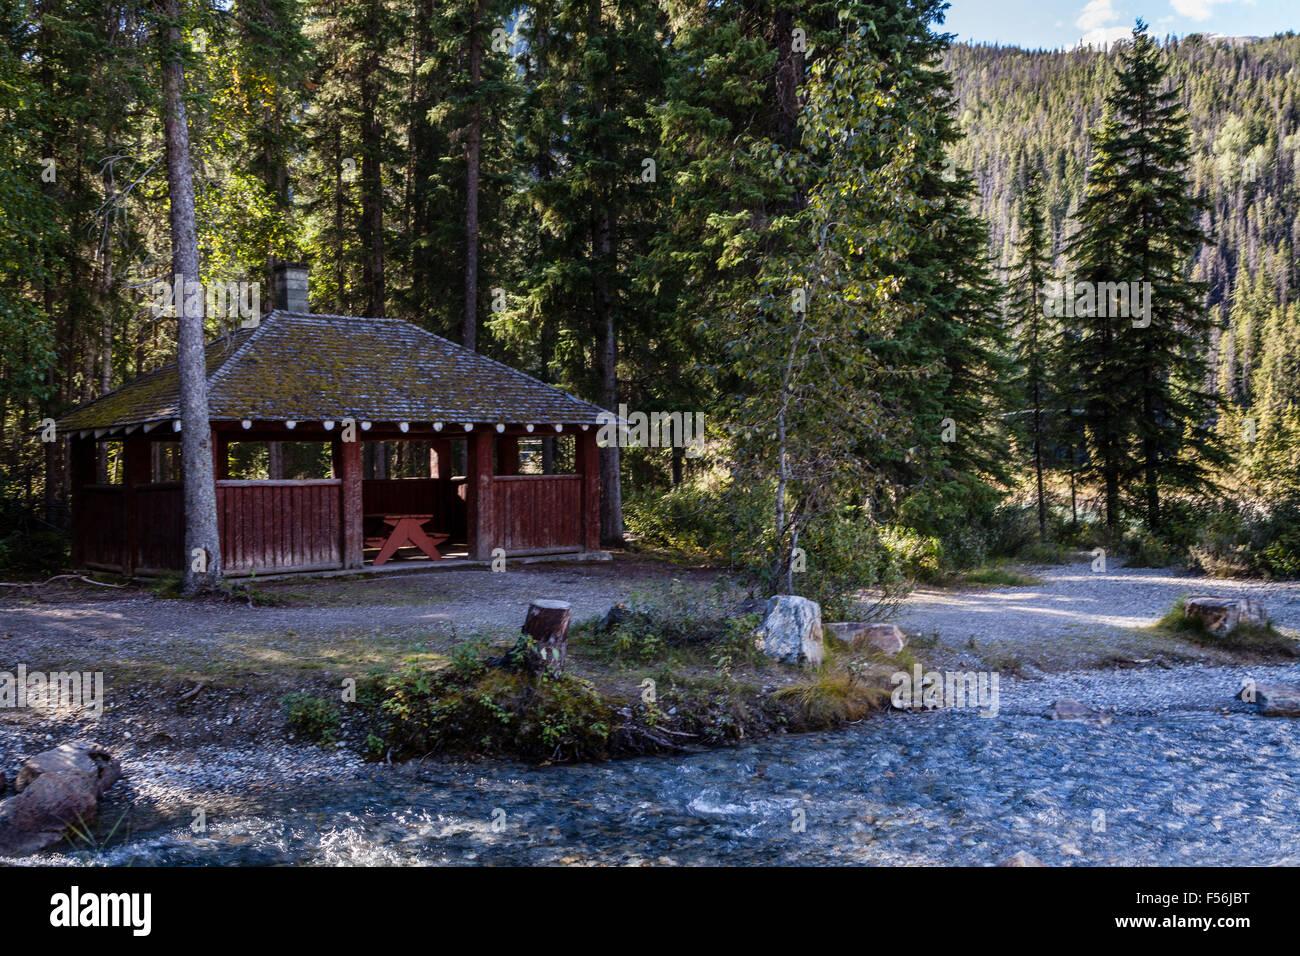 Casa de Cook, área de picnic y camping en la carretera a lo largo de la autopista, David Thompson en los bosques Foto de stock